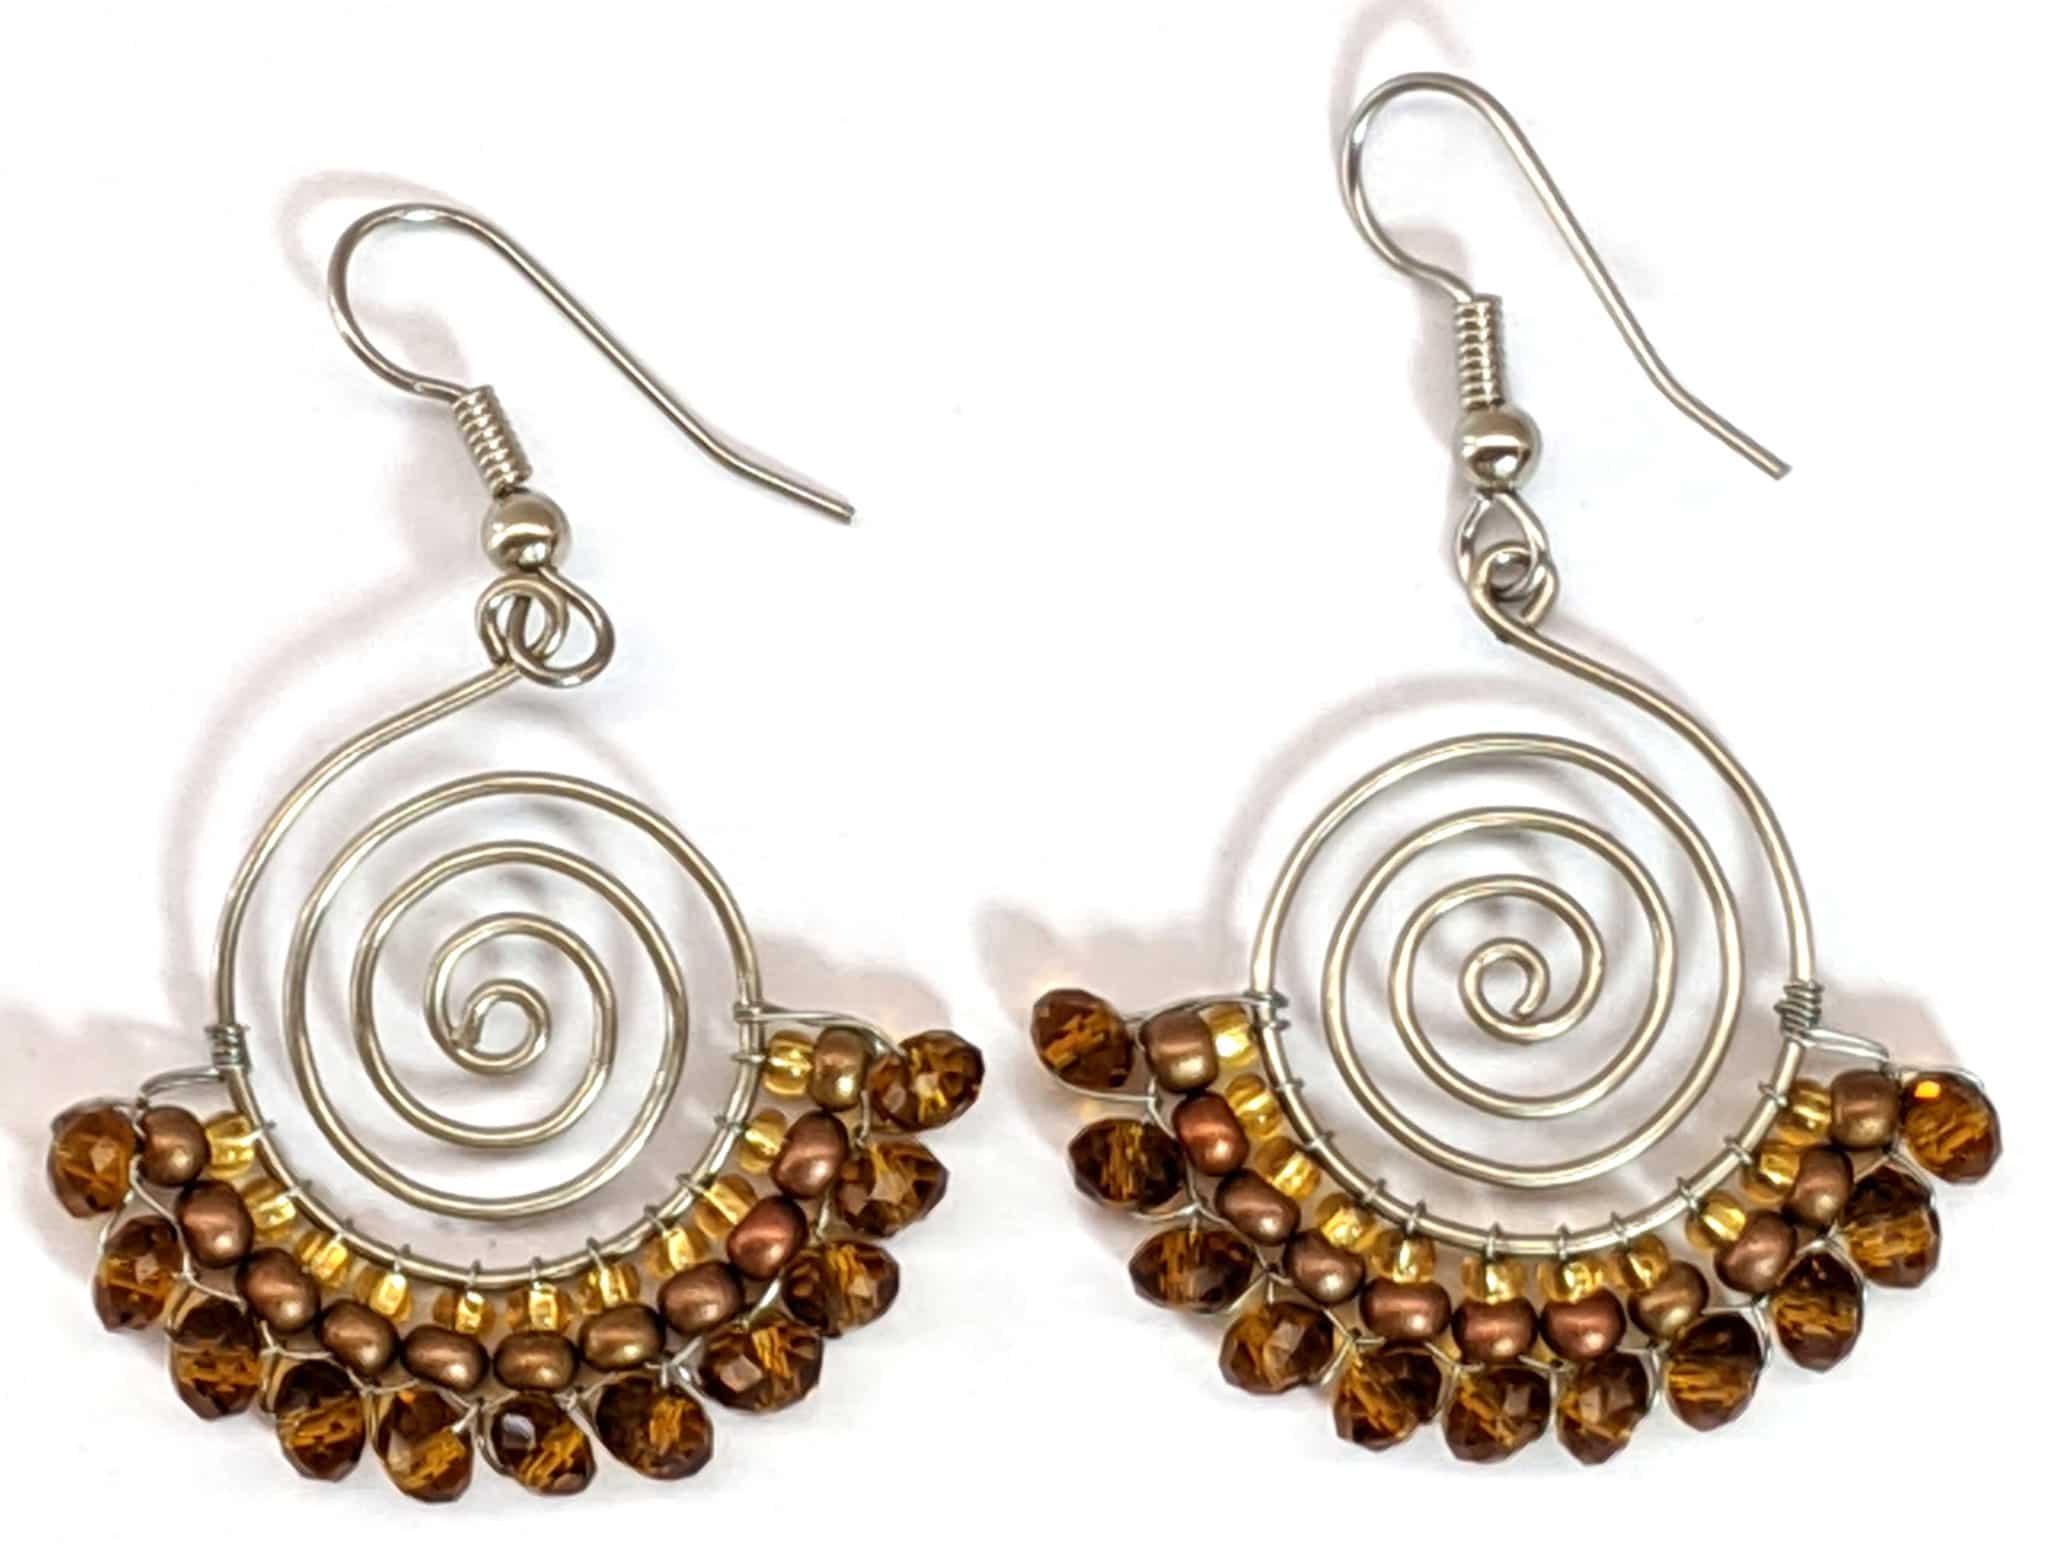 Spiral Skirt Beaded Earrings - Golds